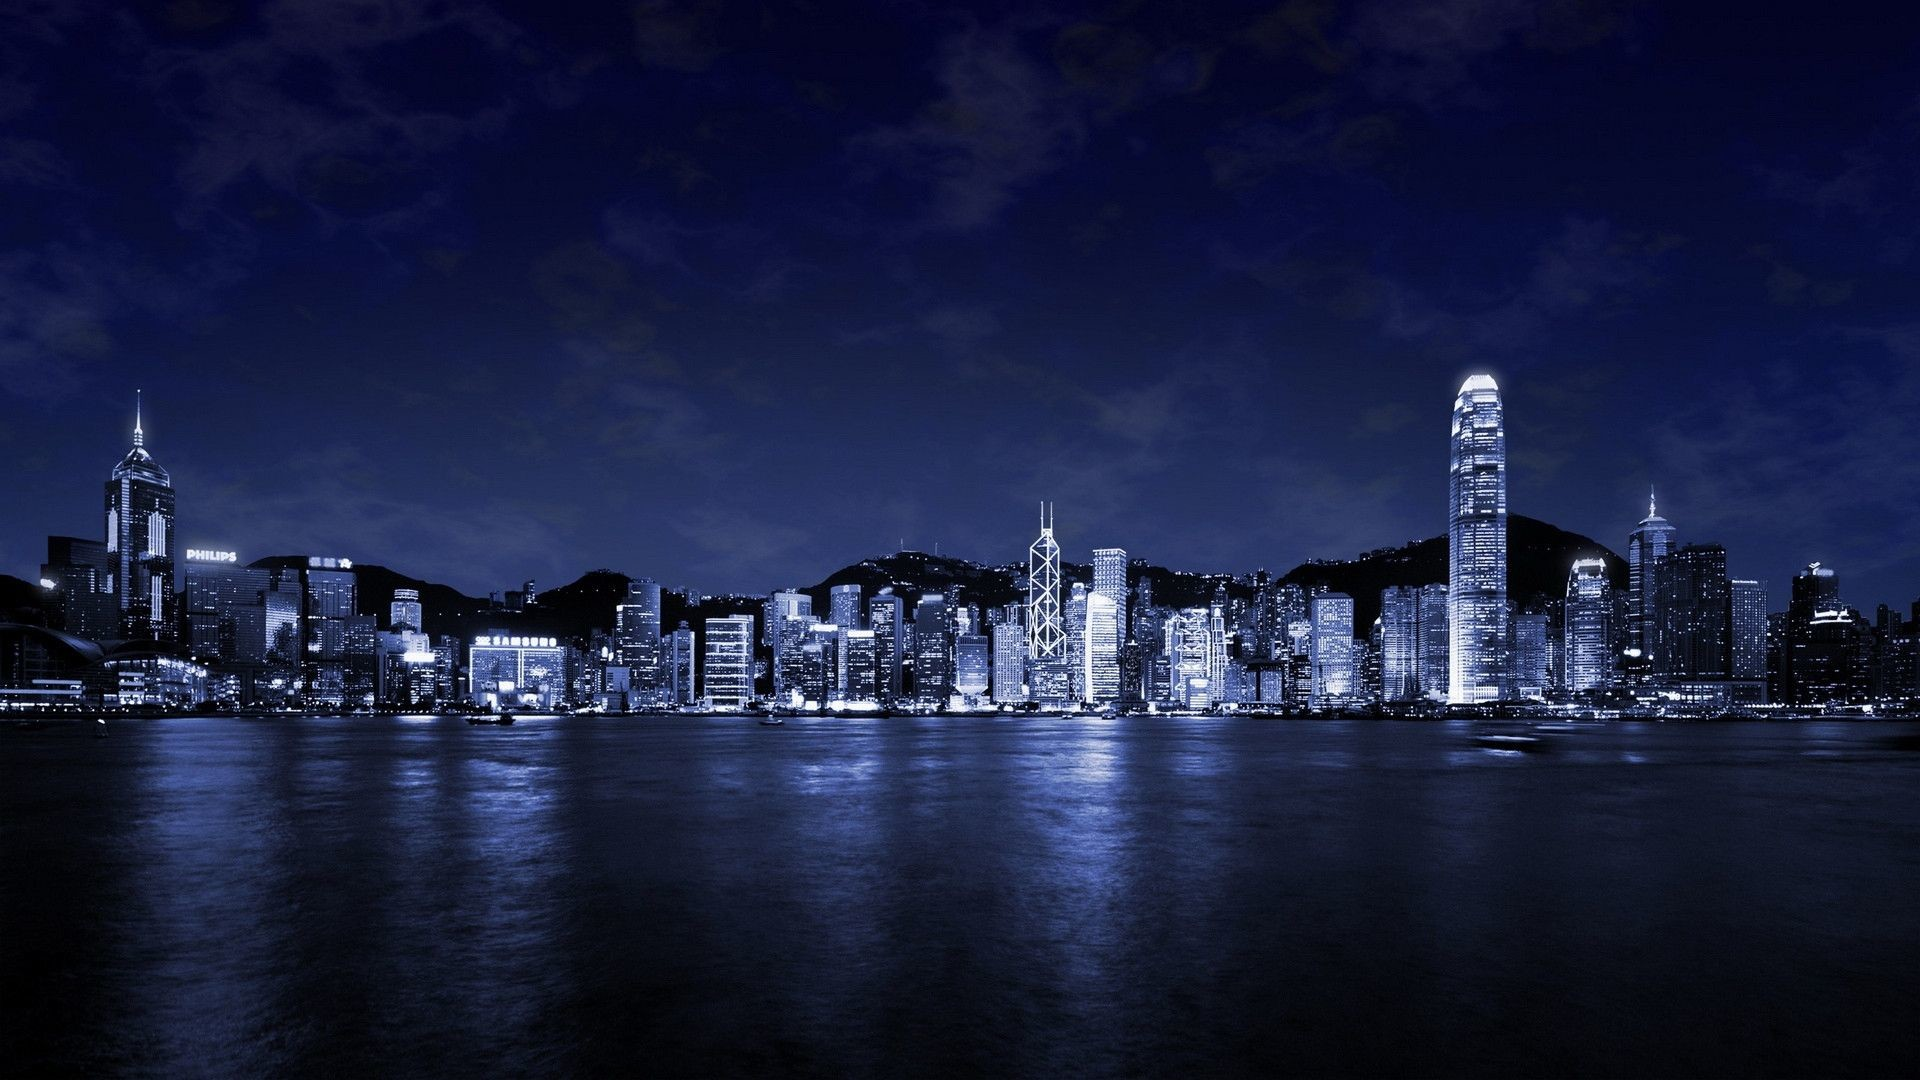 City Night Wallpaper